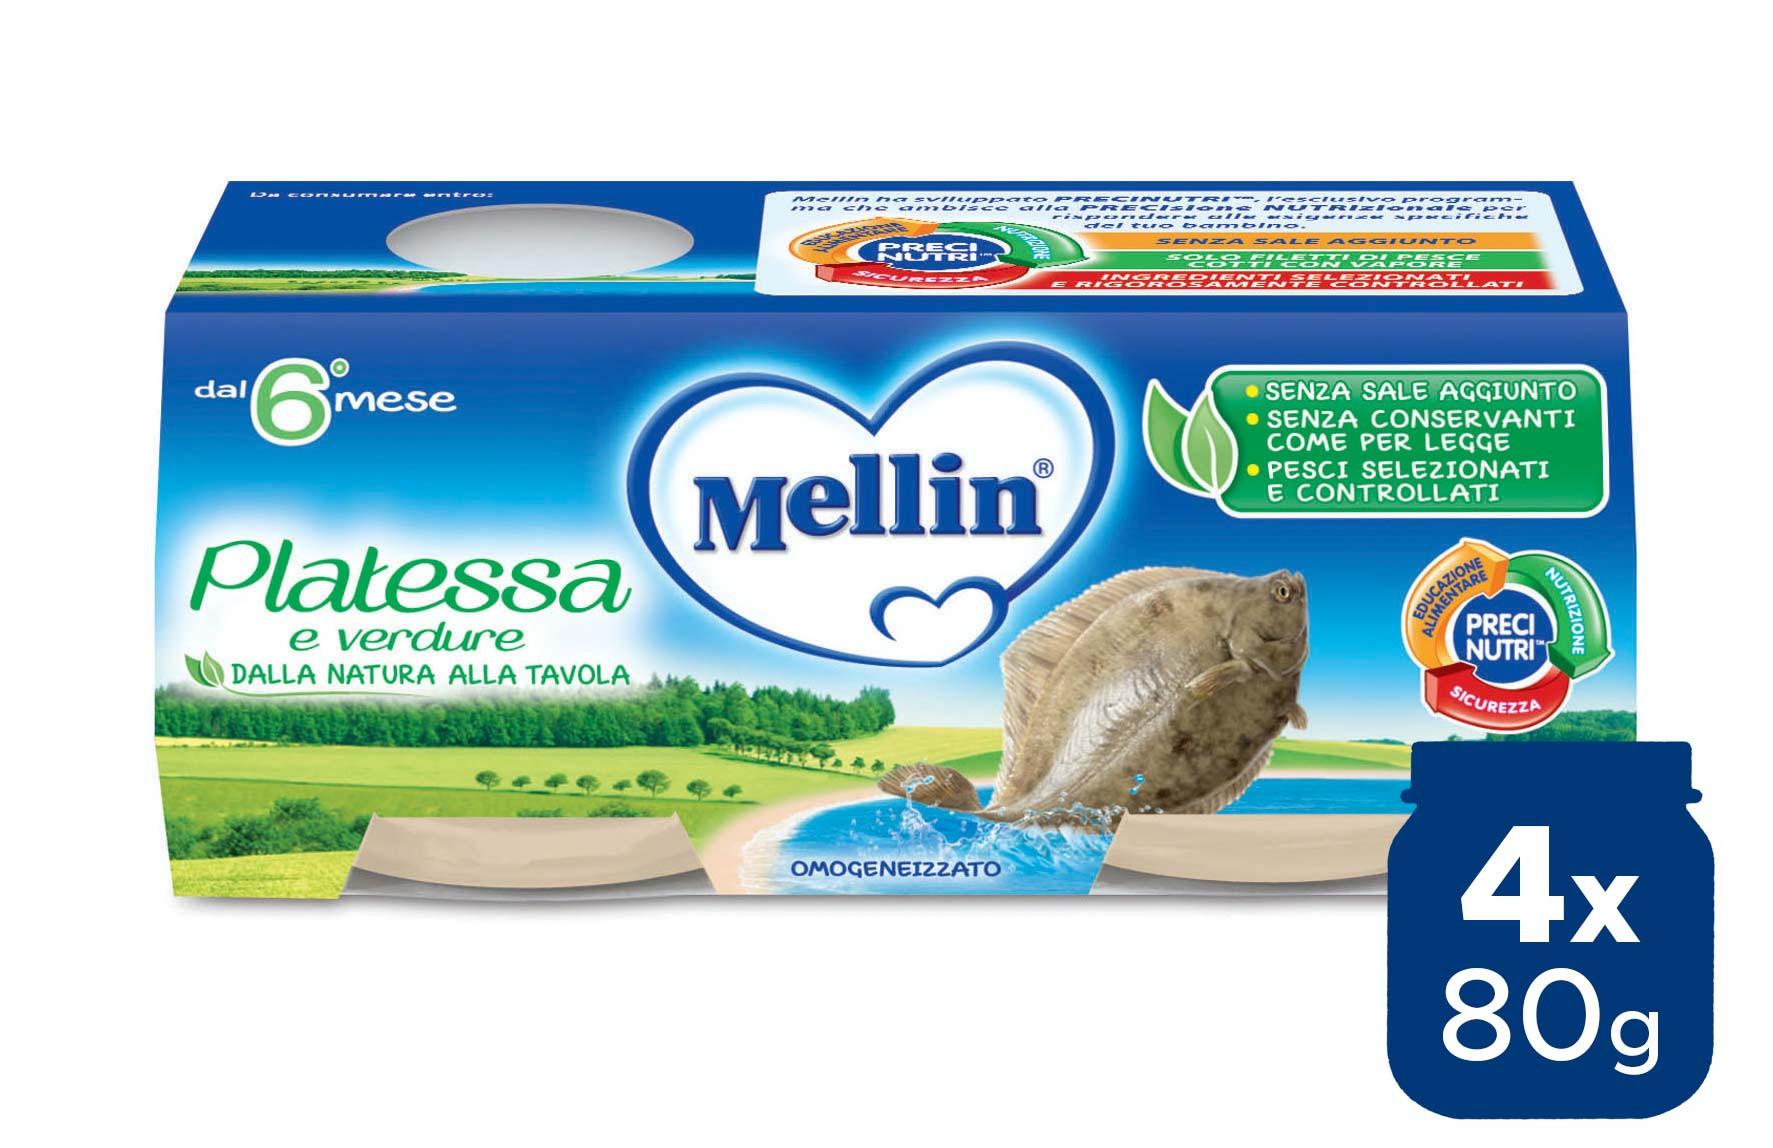 Omogeneizzato Platessa Mellin - 4 x 80 g